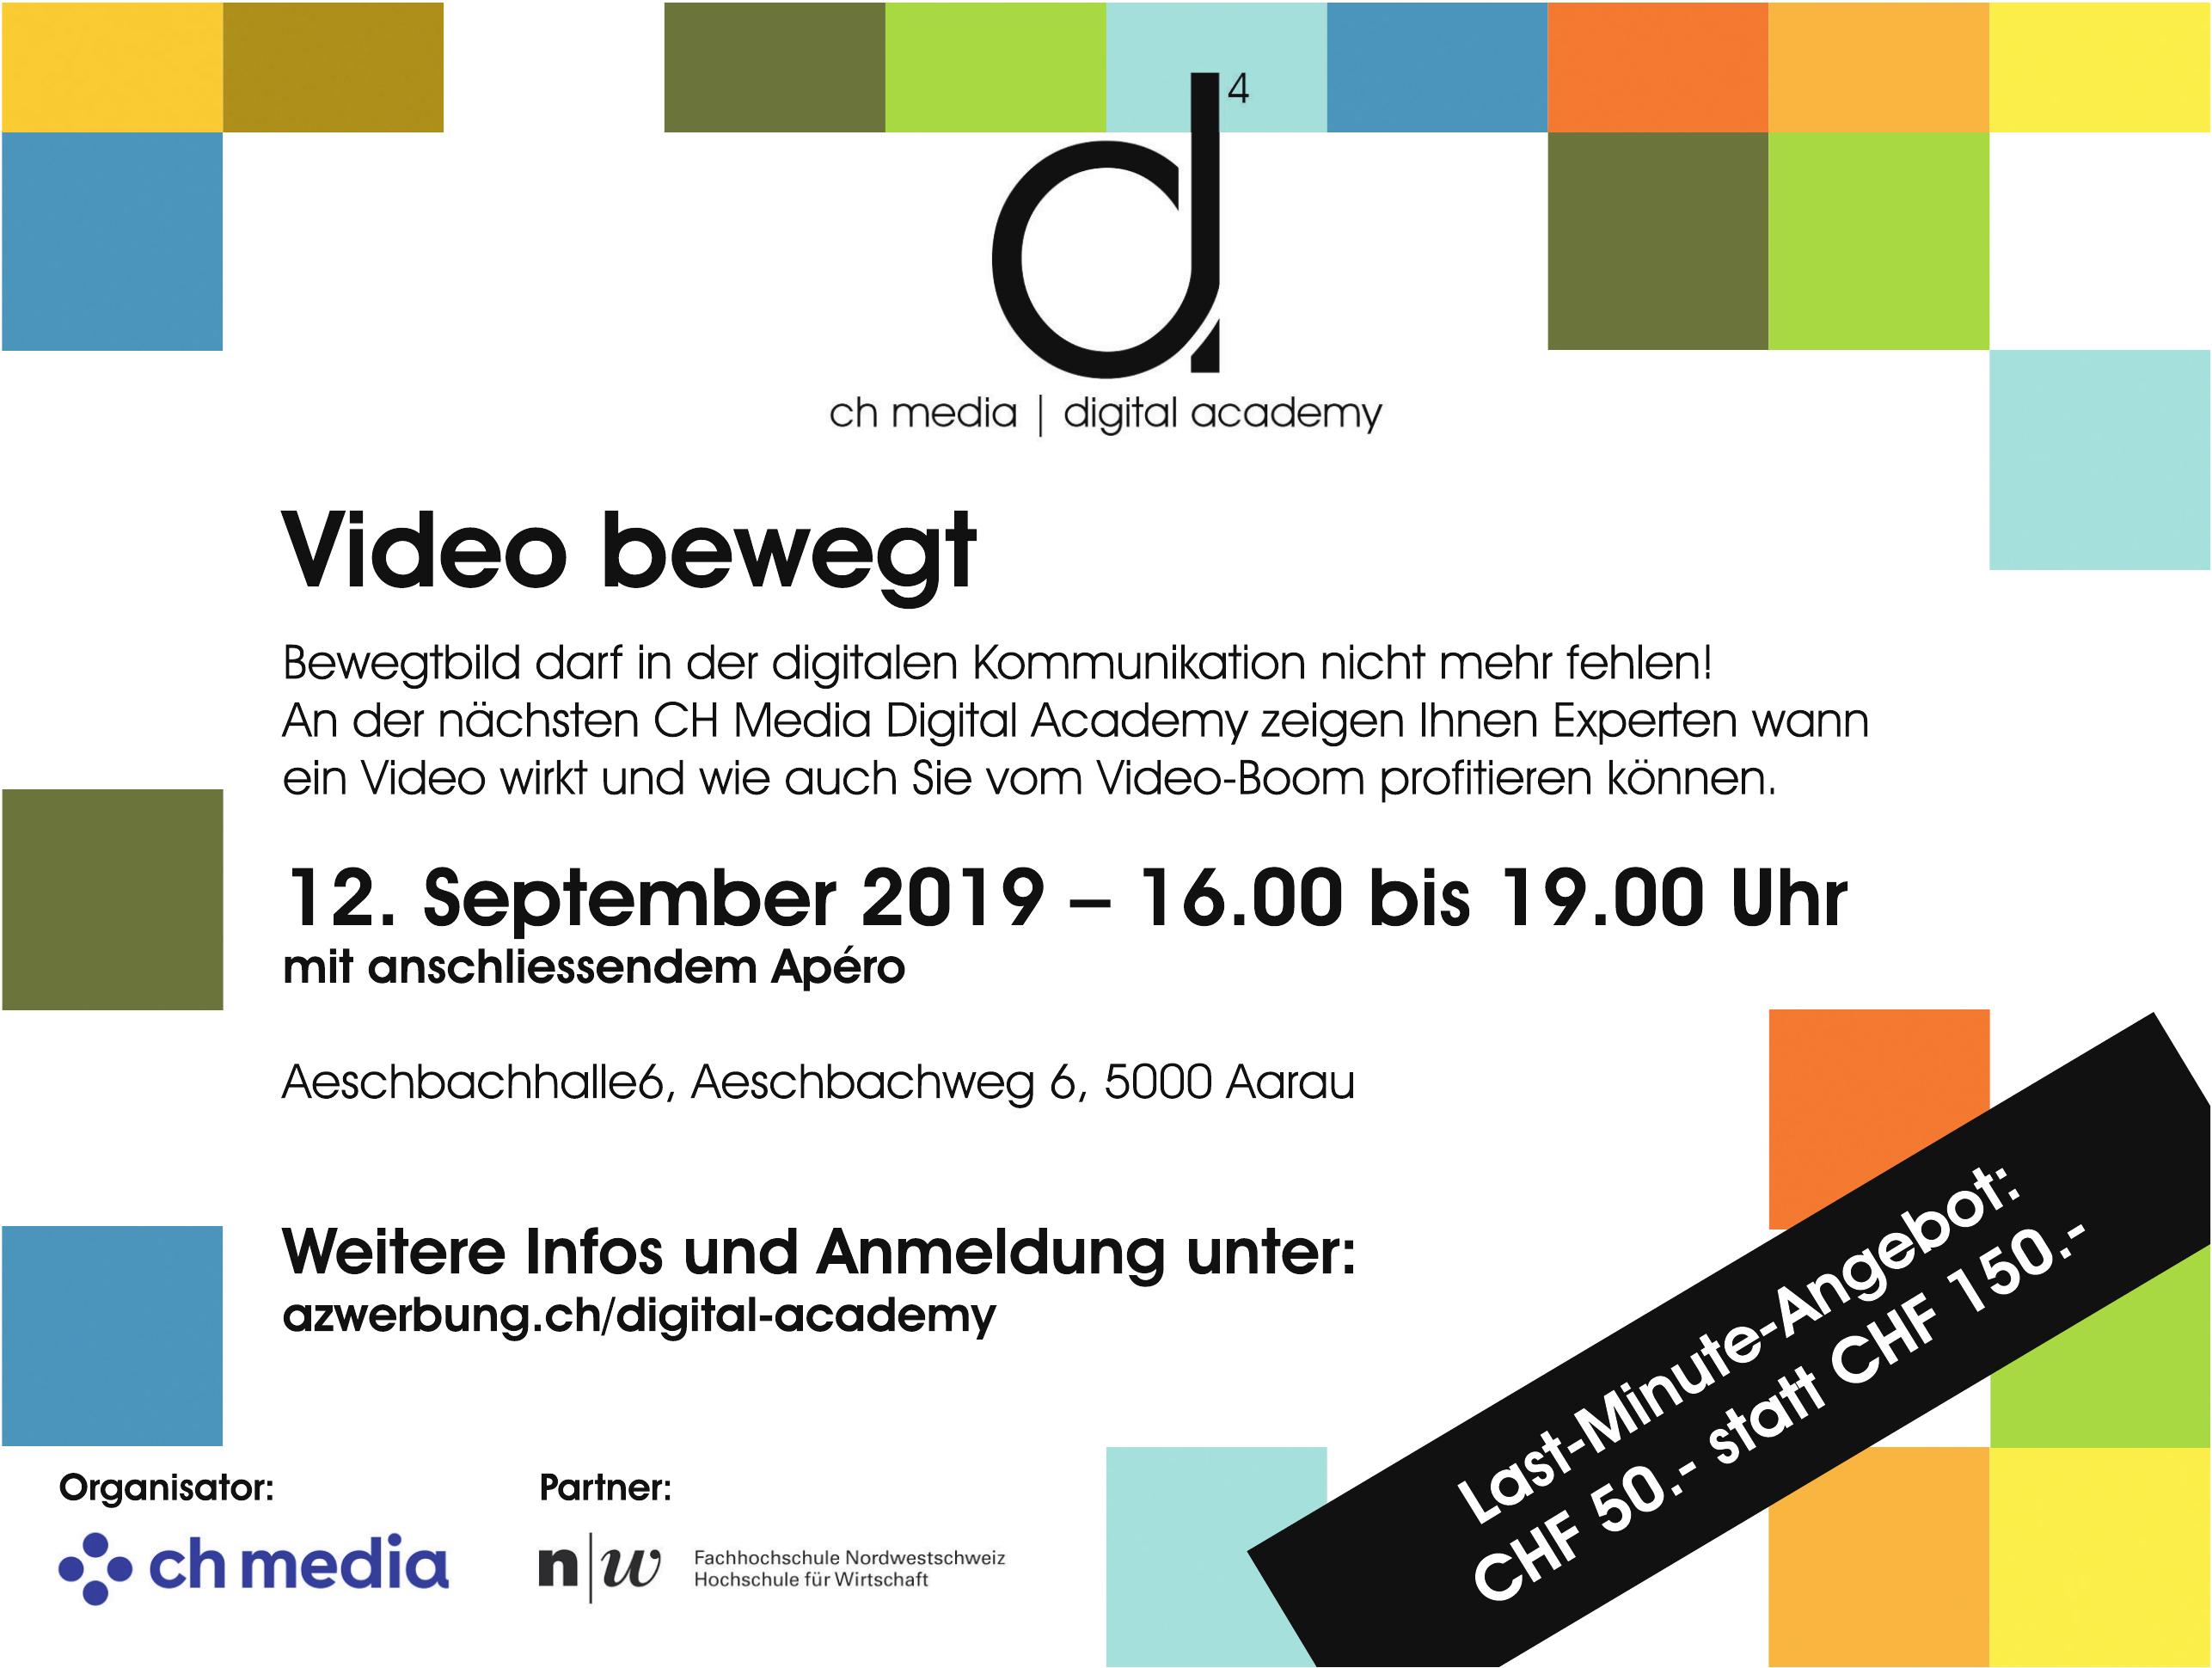 ch media / digital academy